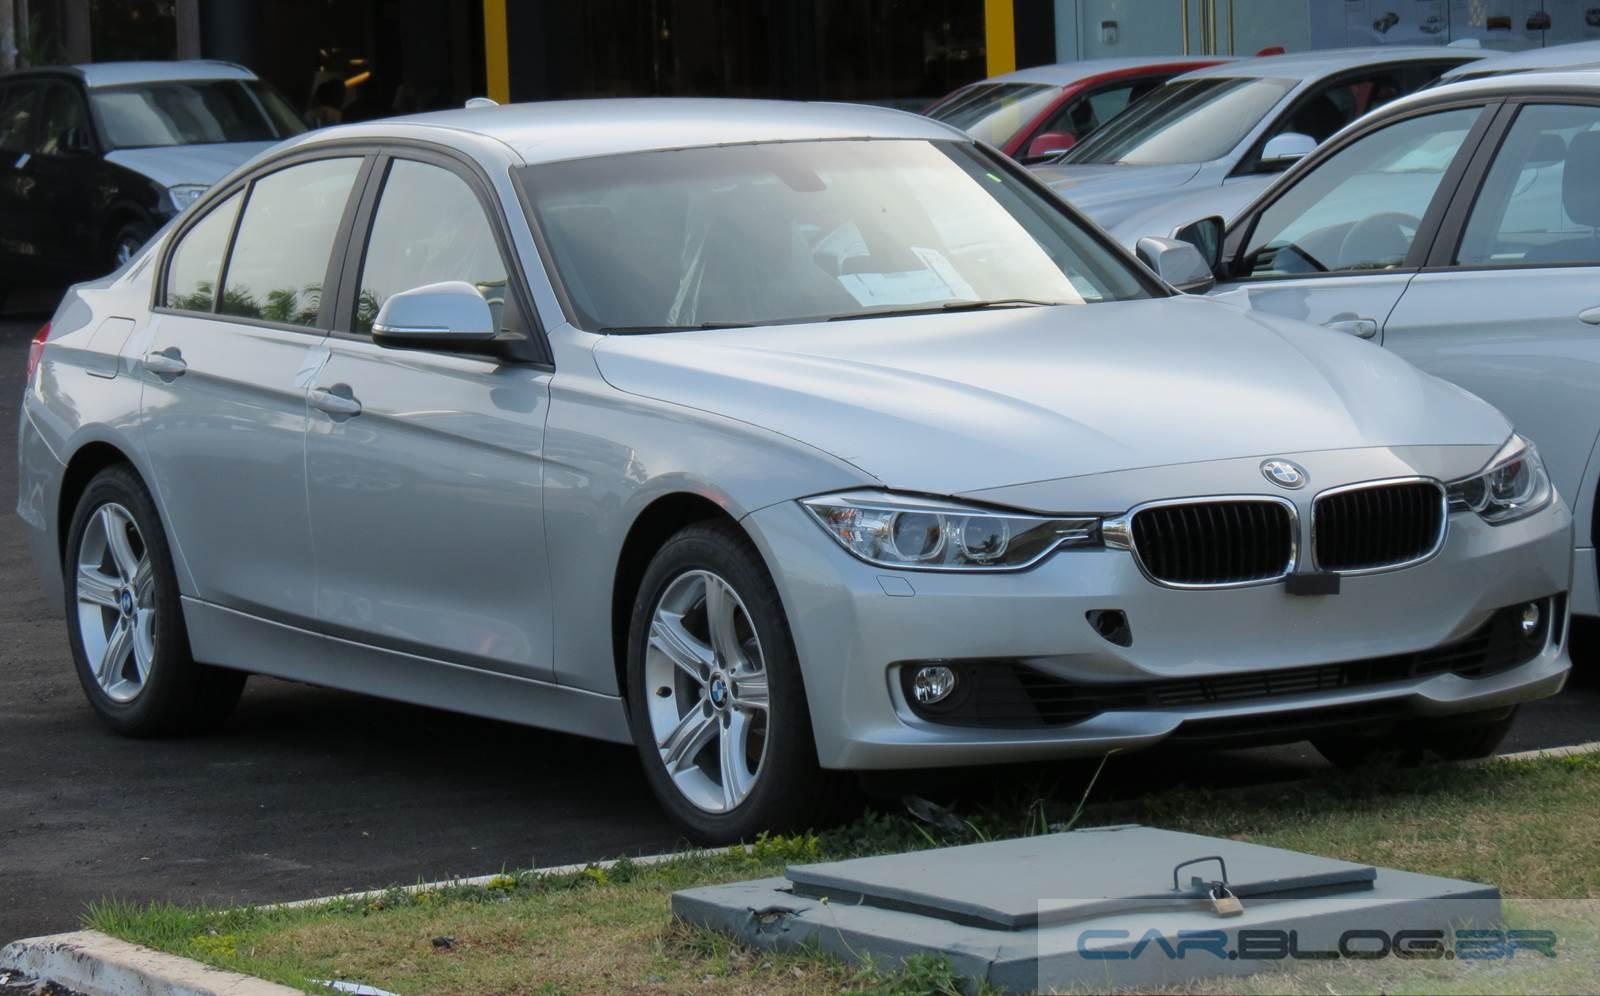 BMW - vice-líder do mercado de luxo - Brasil